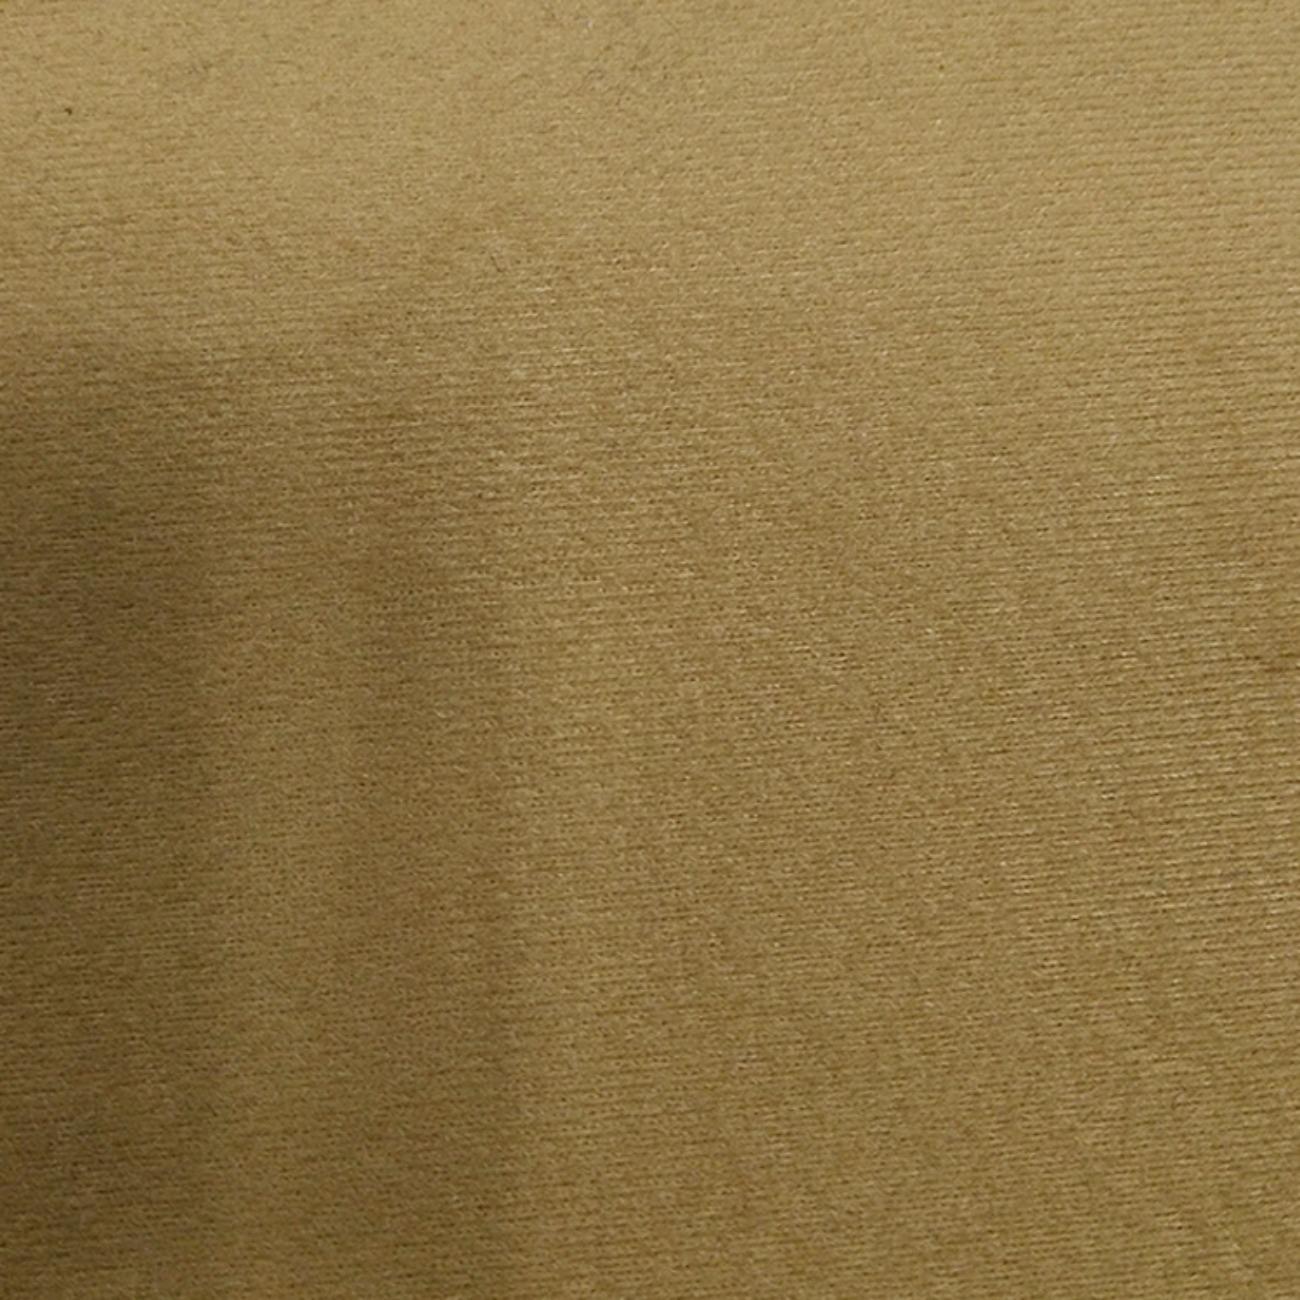 绒布批发裤装面料